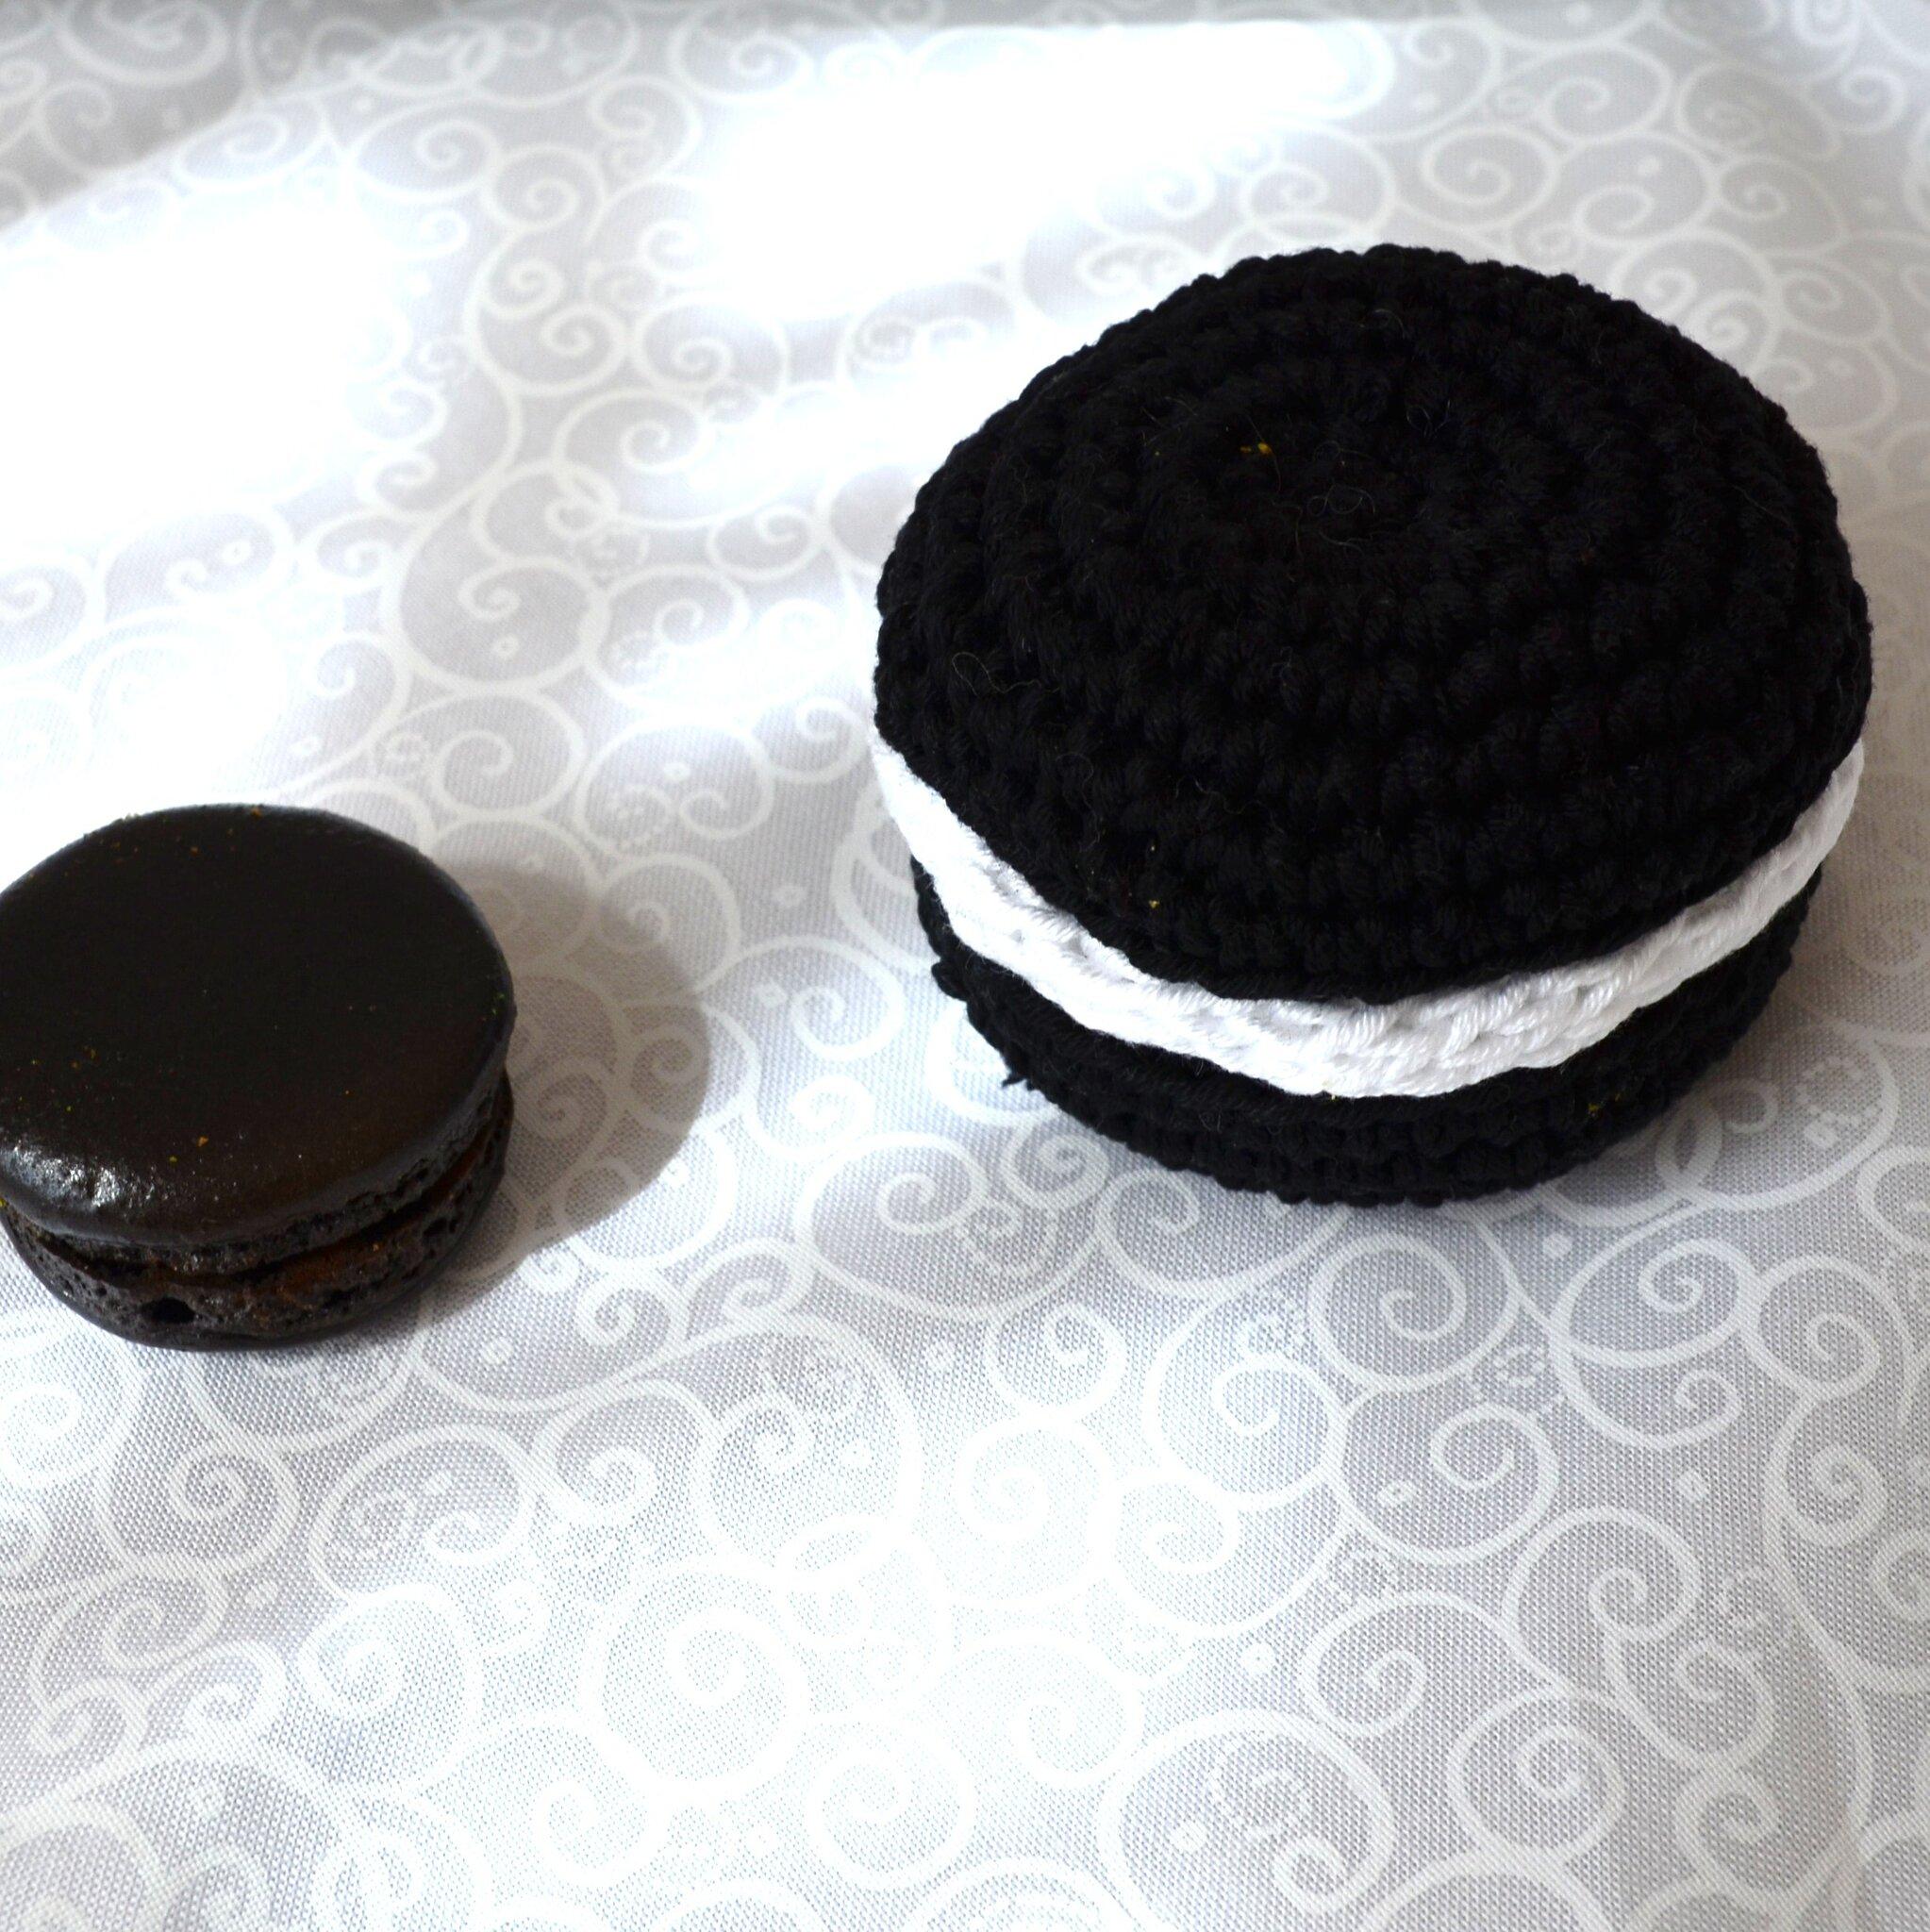 Macaron_au_crochet_La_chouette_bricole